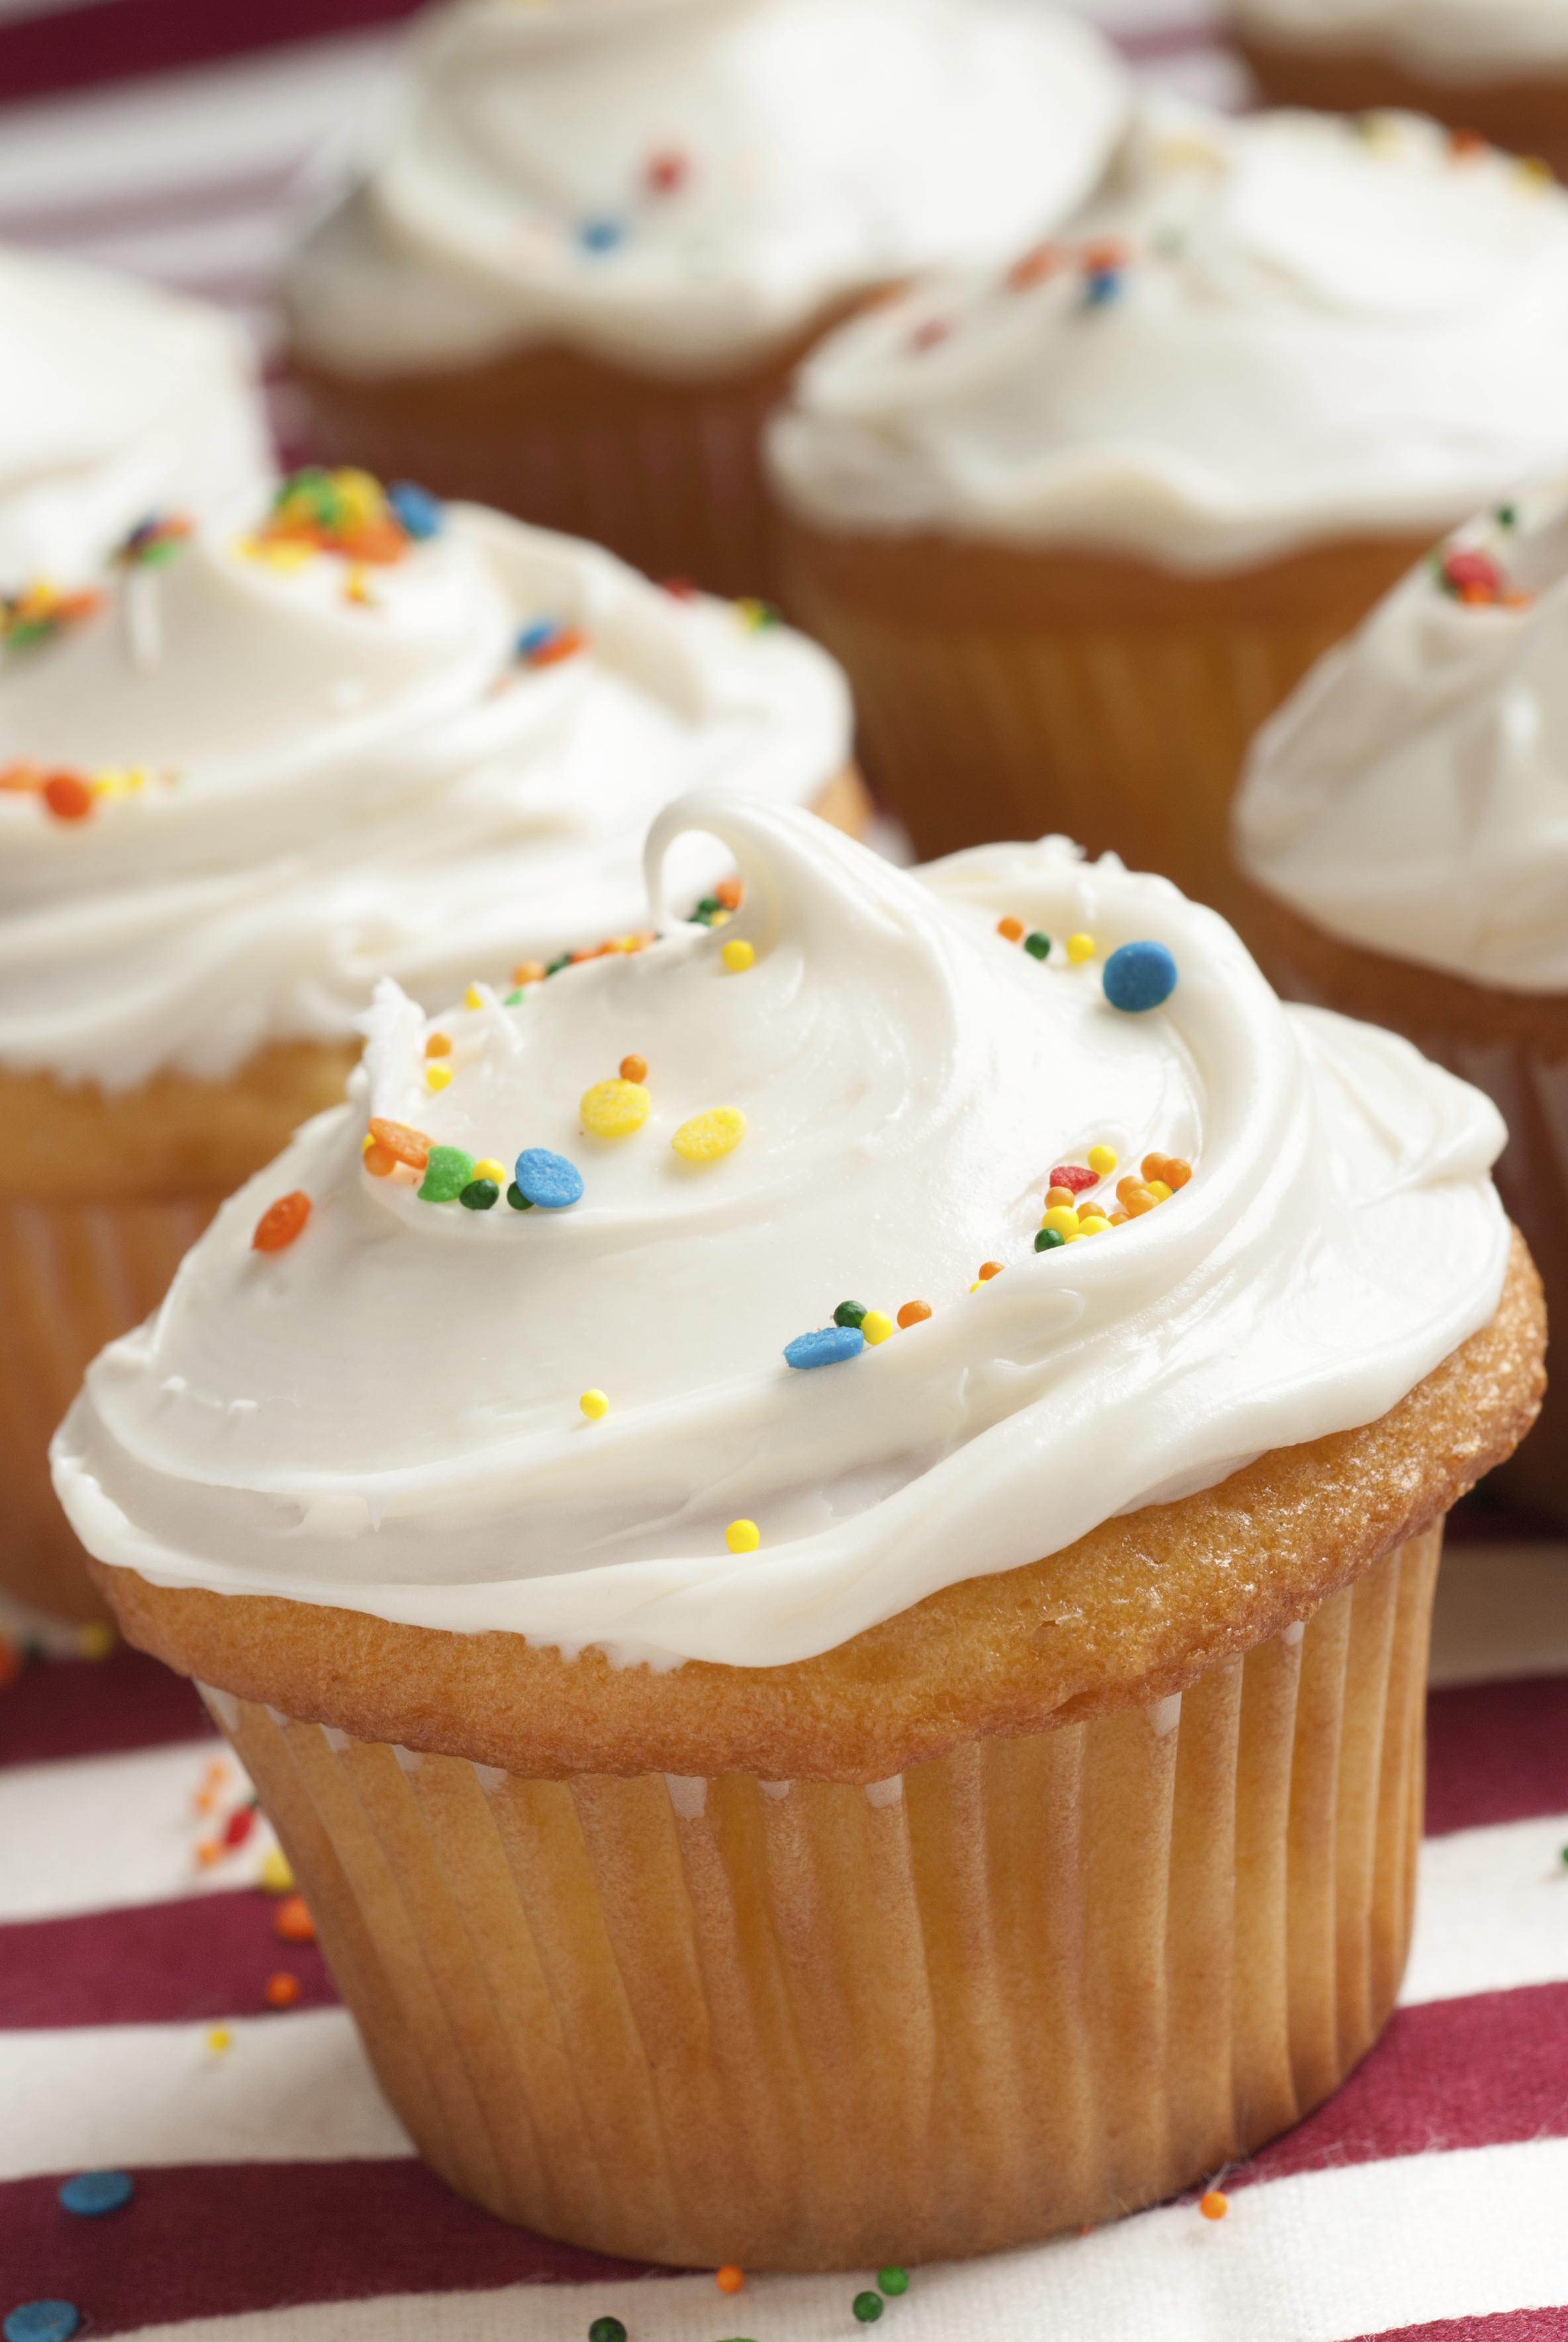 Cupcakes de vainilla y crema